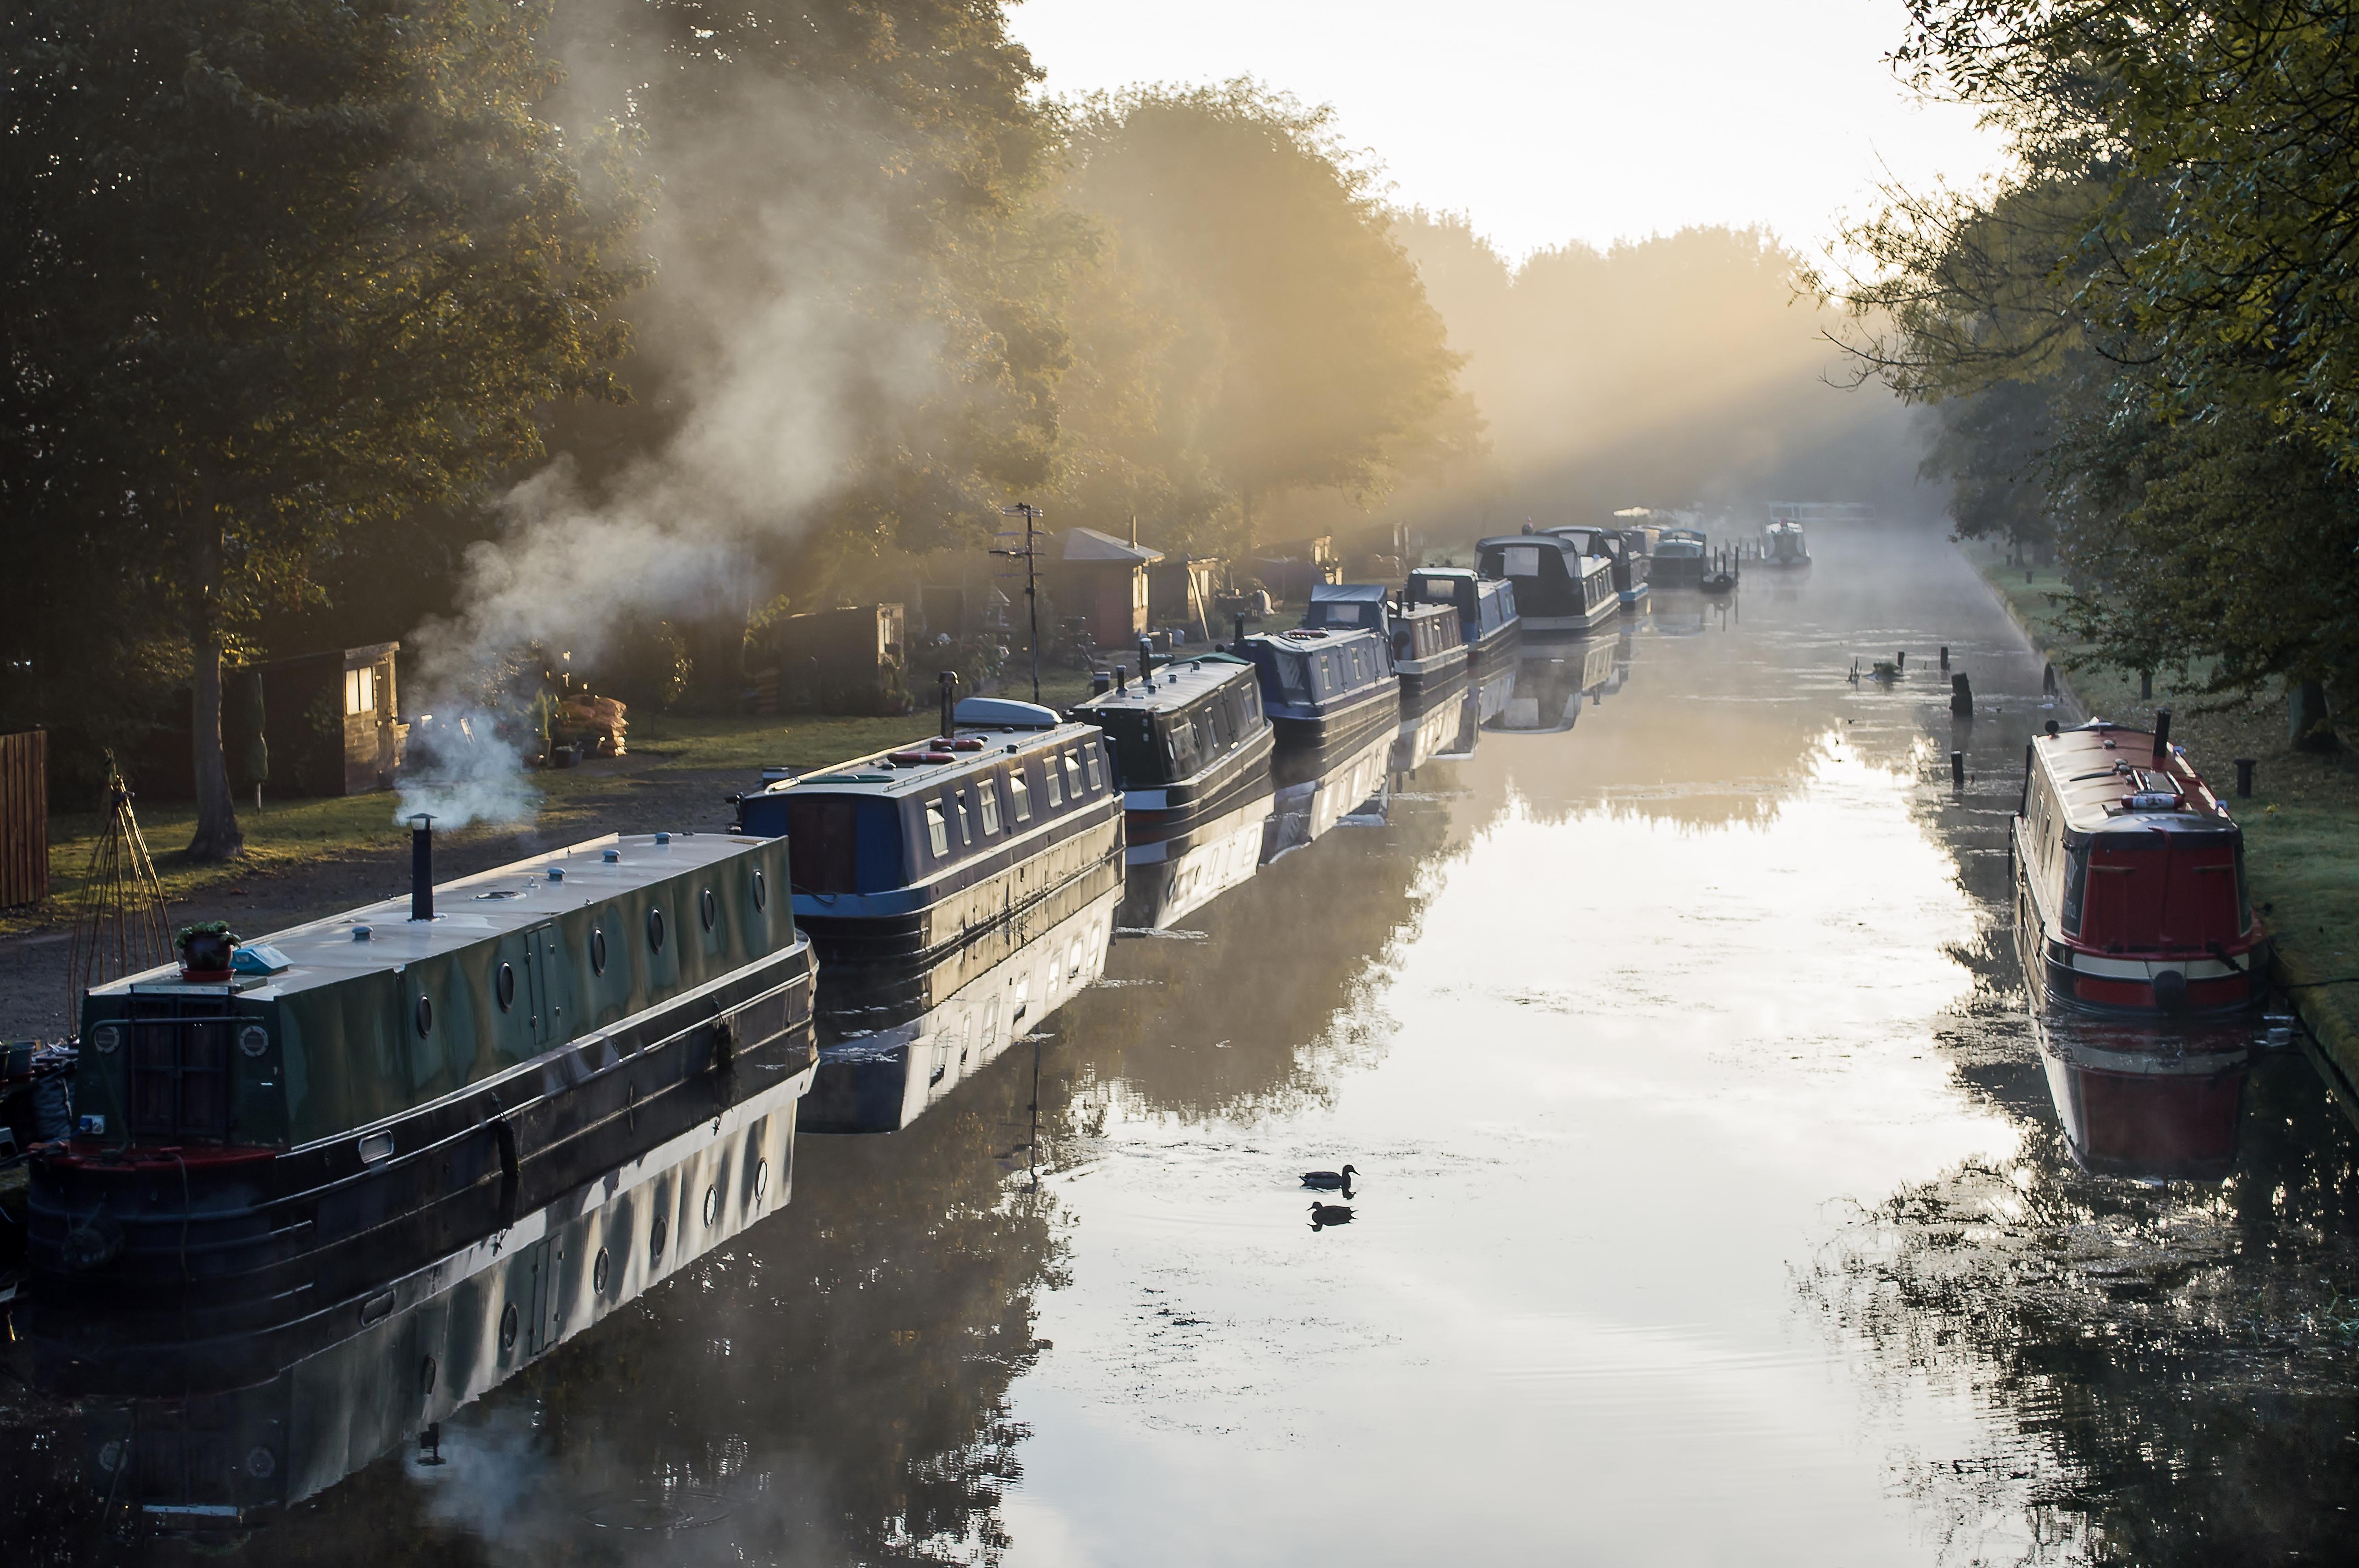 Sunbeams & Barges